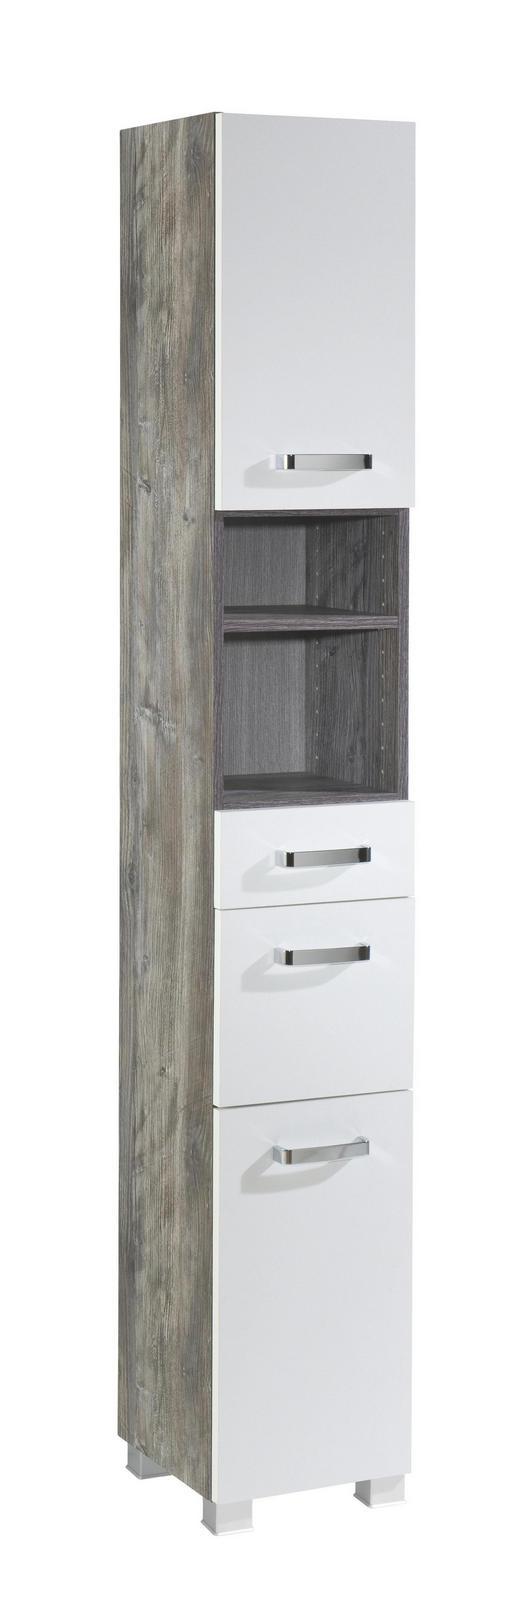 HOCHSCHRANK Weiß - Eichefarben/Silberfarben, Design, Holzwerkstoff/Kunststoff (30/180/27cm) - Carryhome